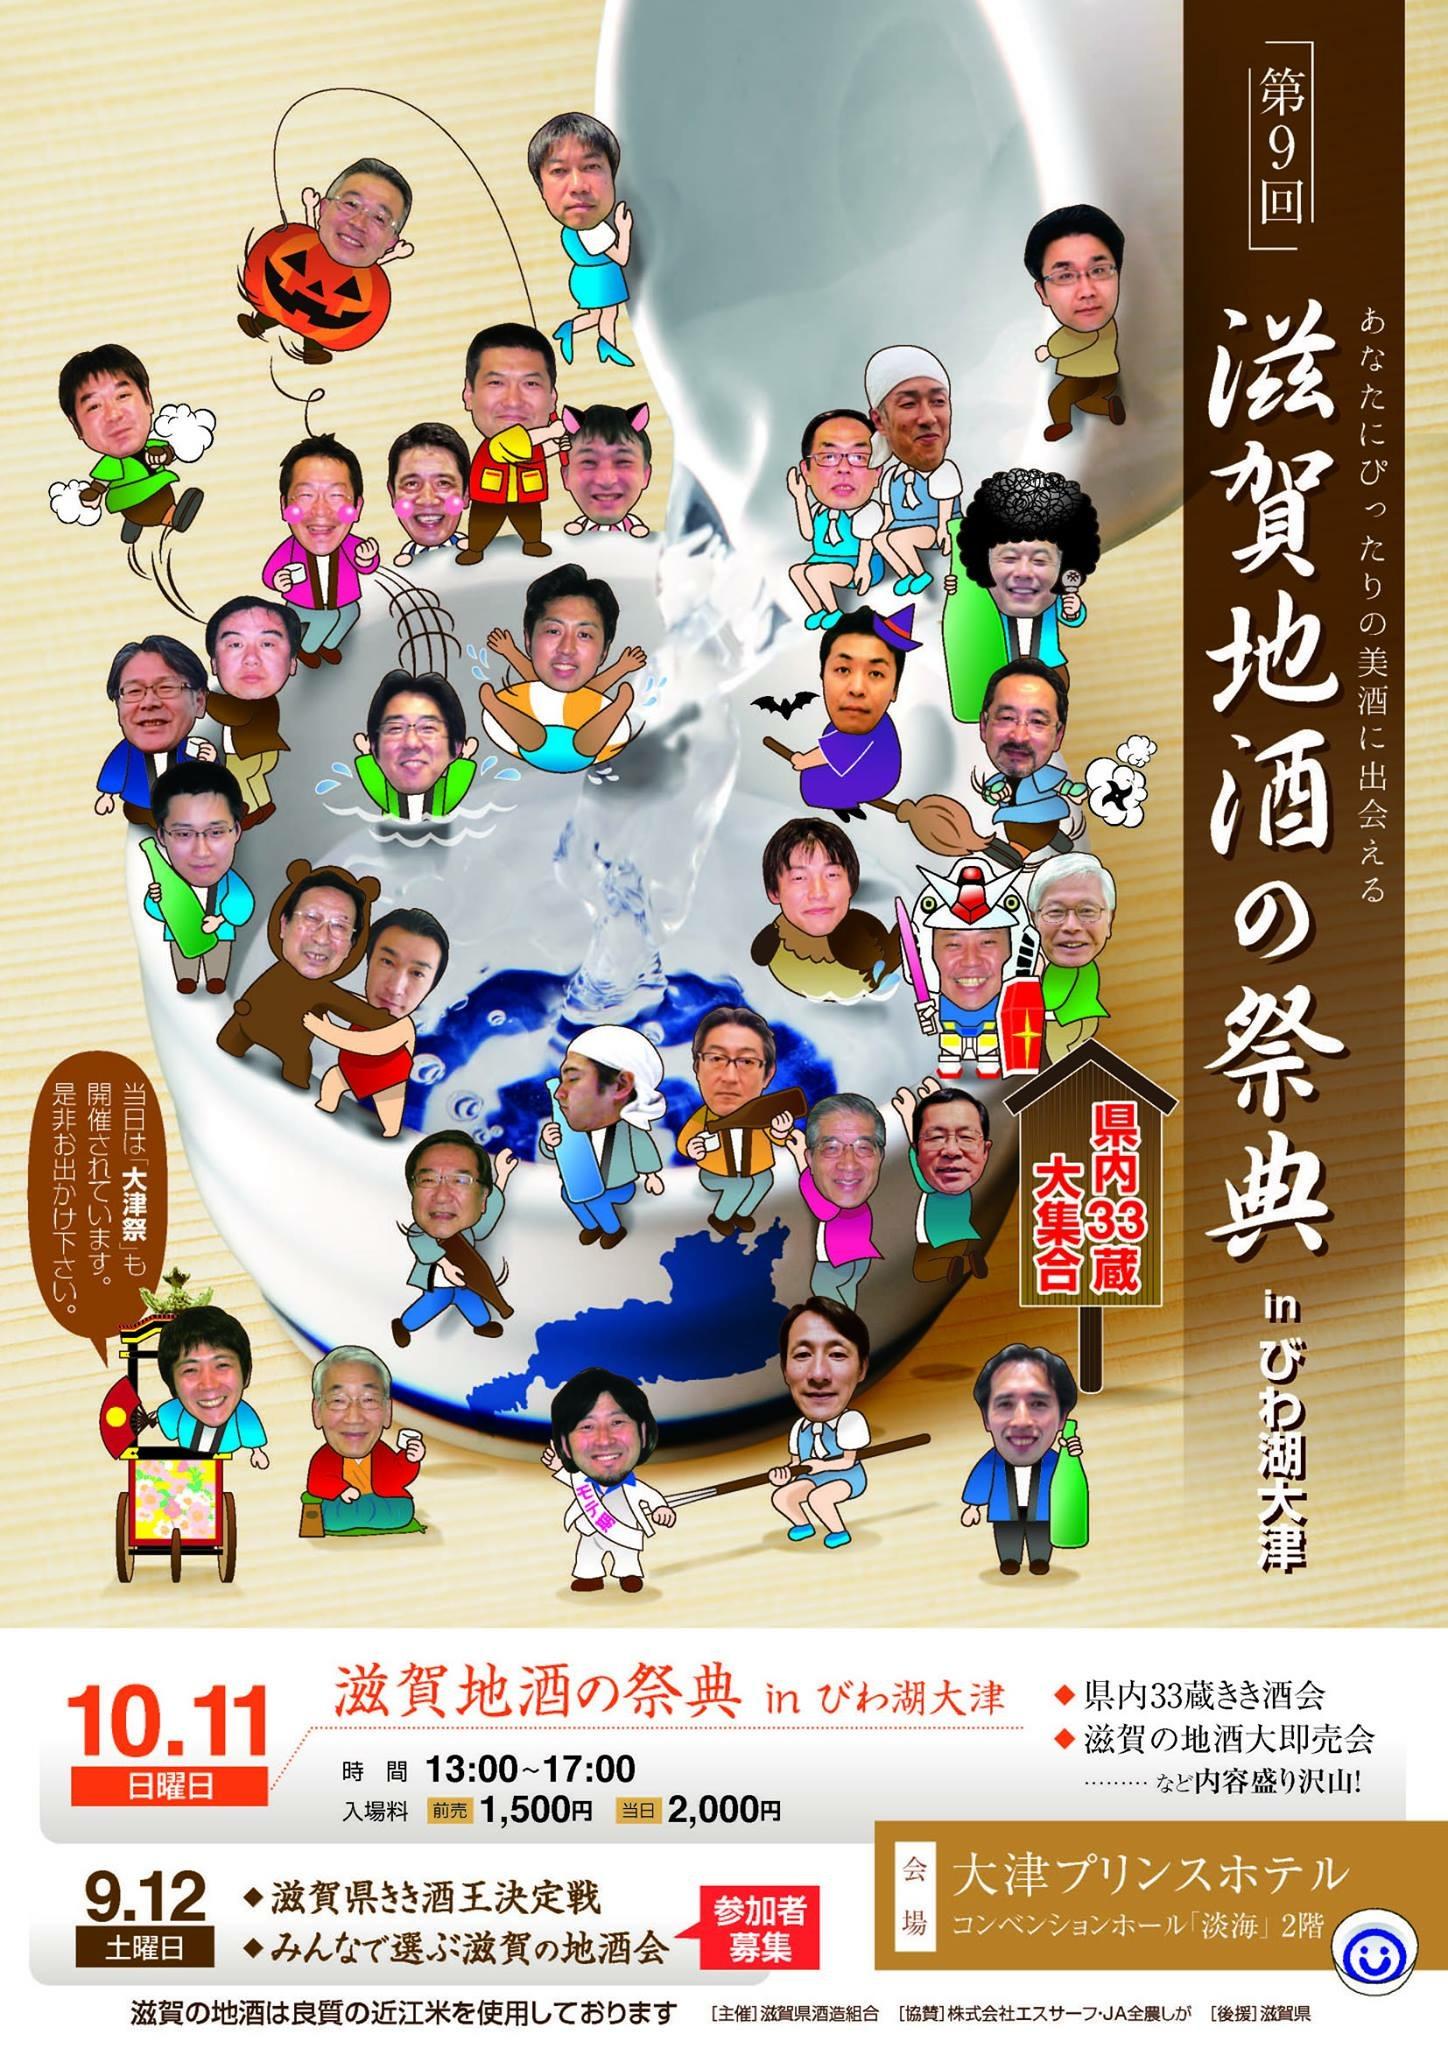 滋賀地酒の祭典2015大津